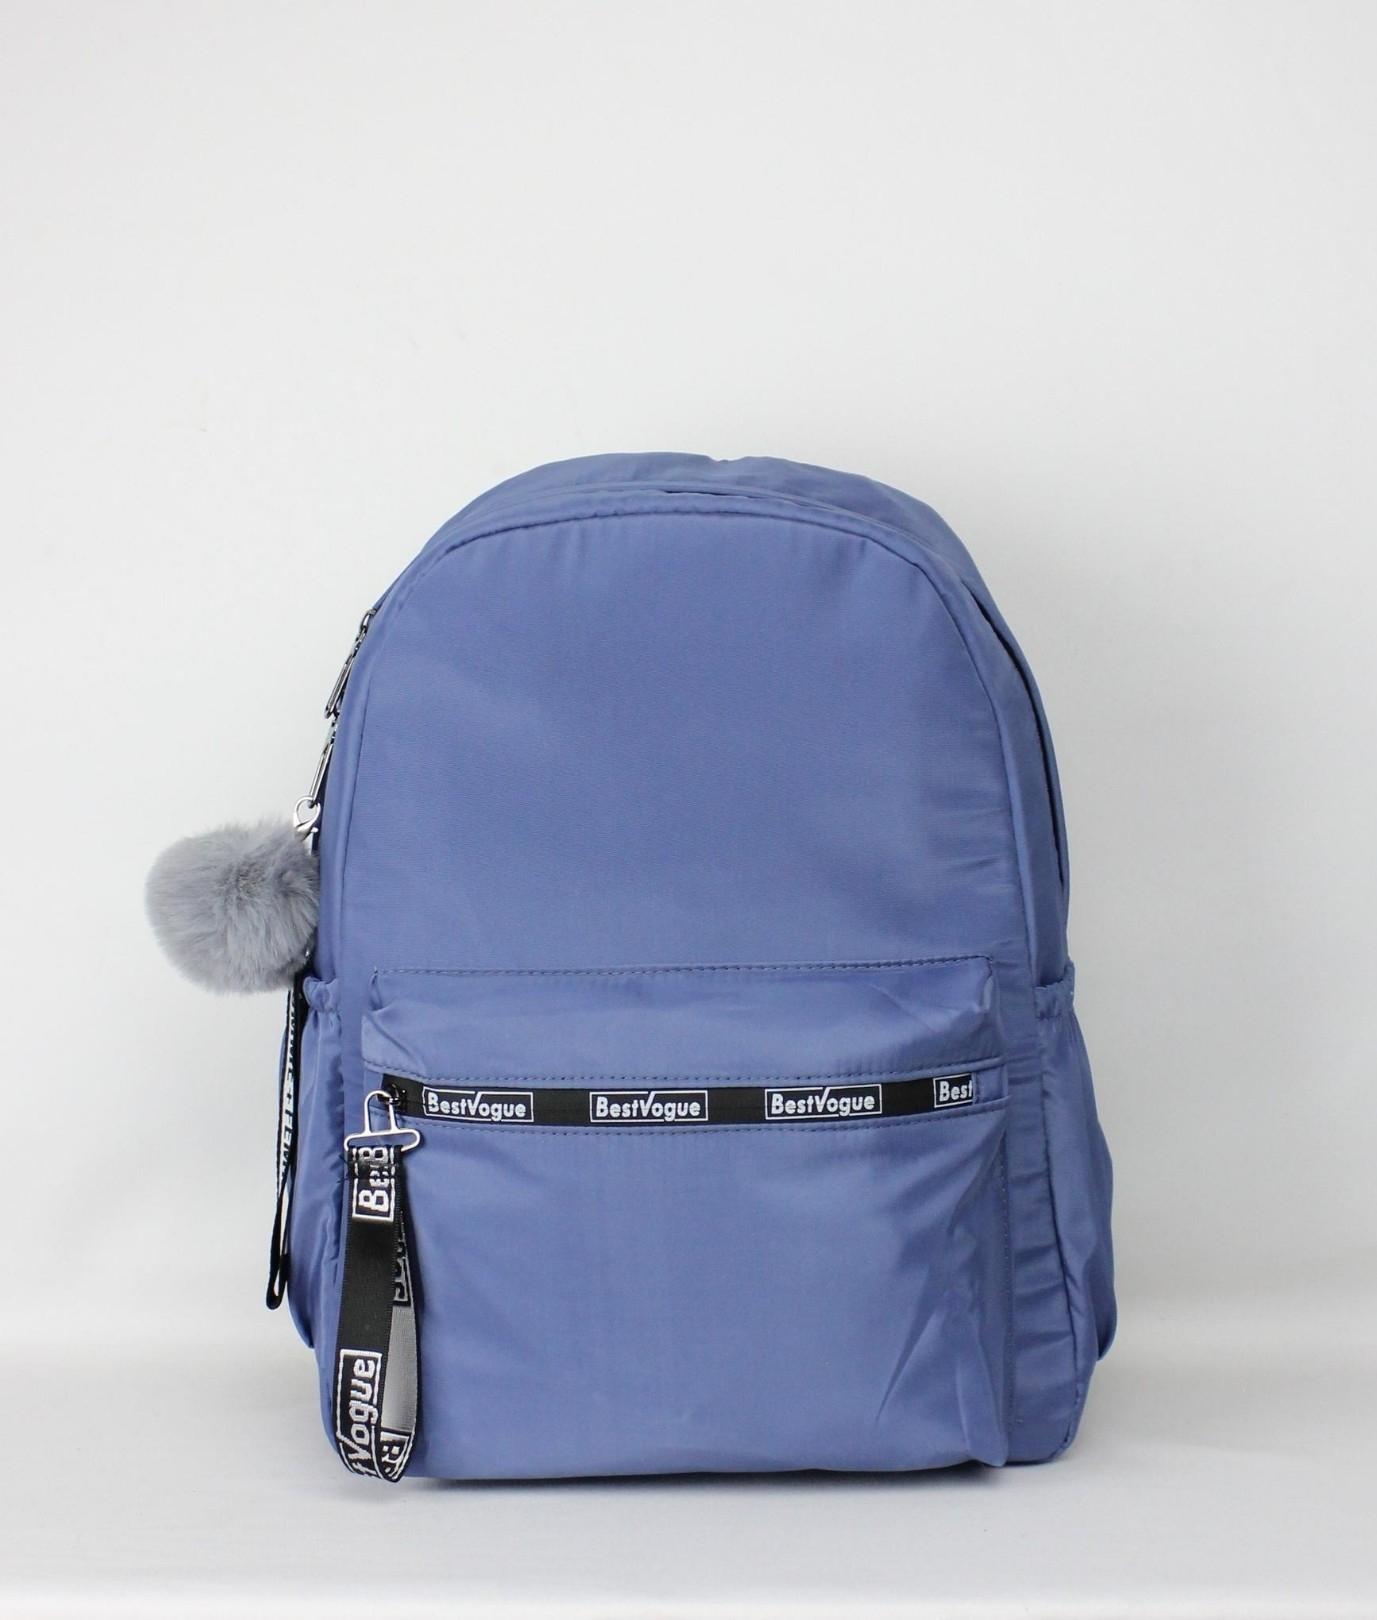 Backpack Vogue - Blue